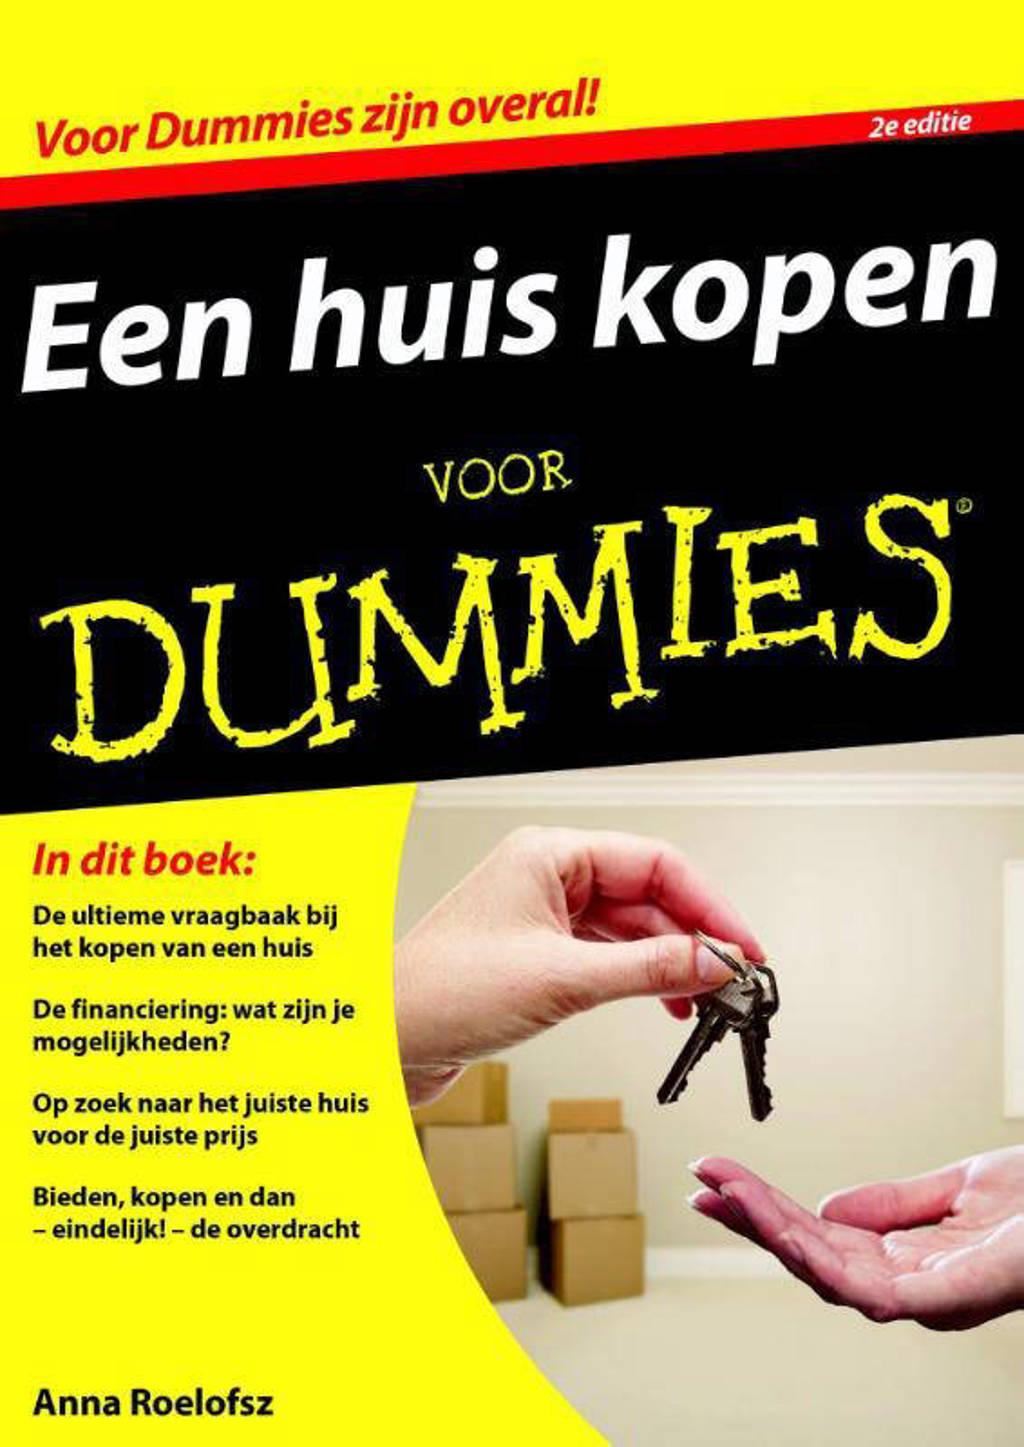 Voor Dummies: Een huis kopen voor Dummies 2e editie - Anna Roelofsz